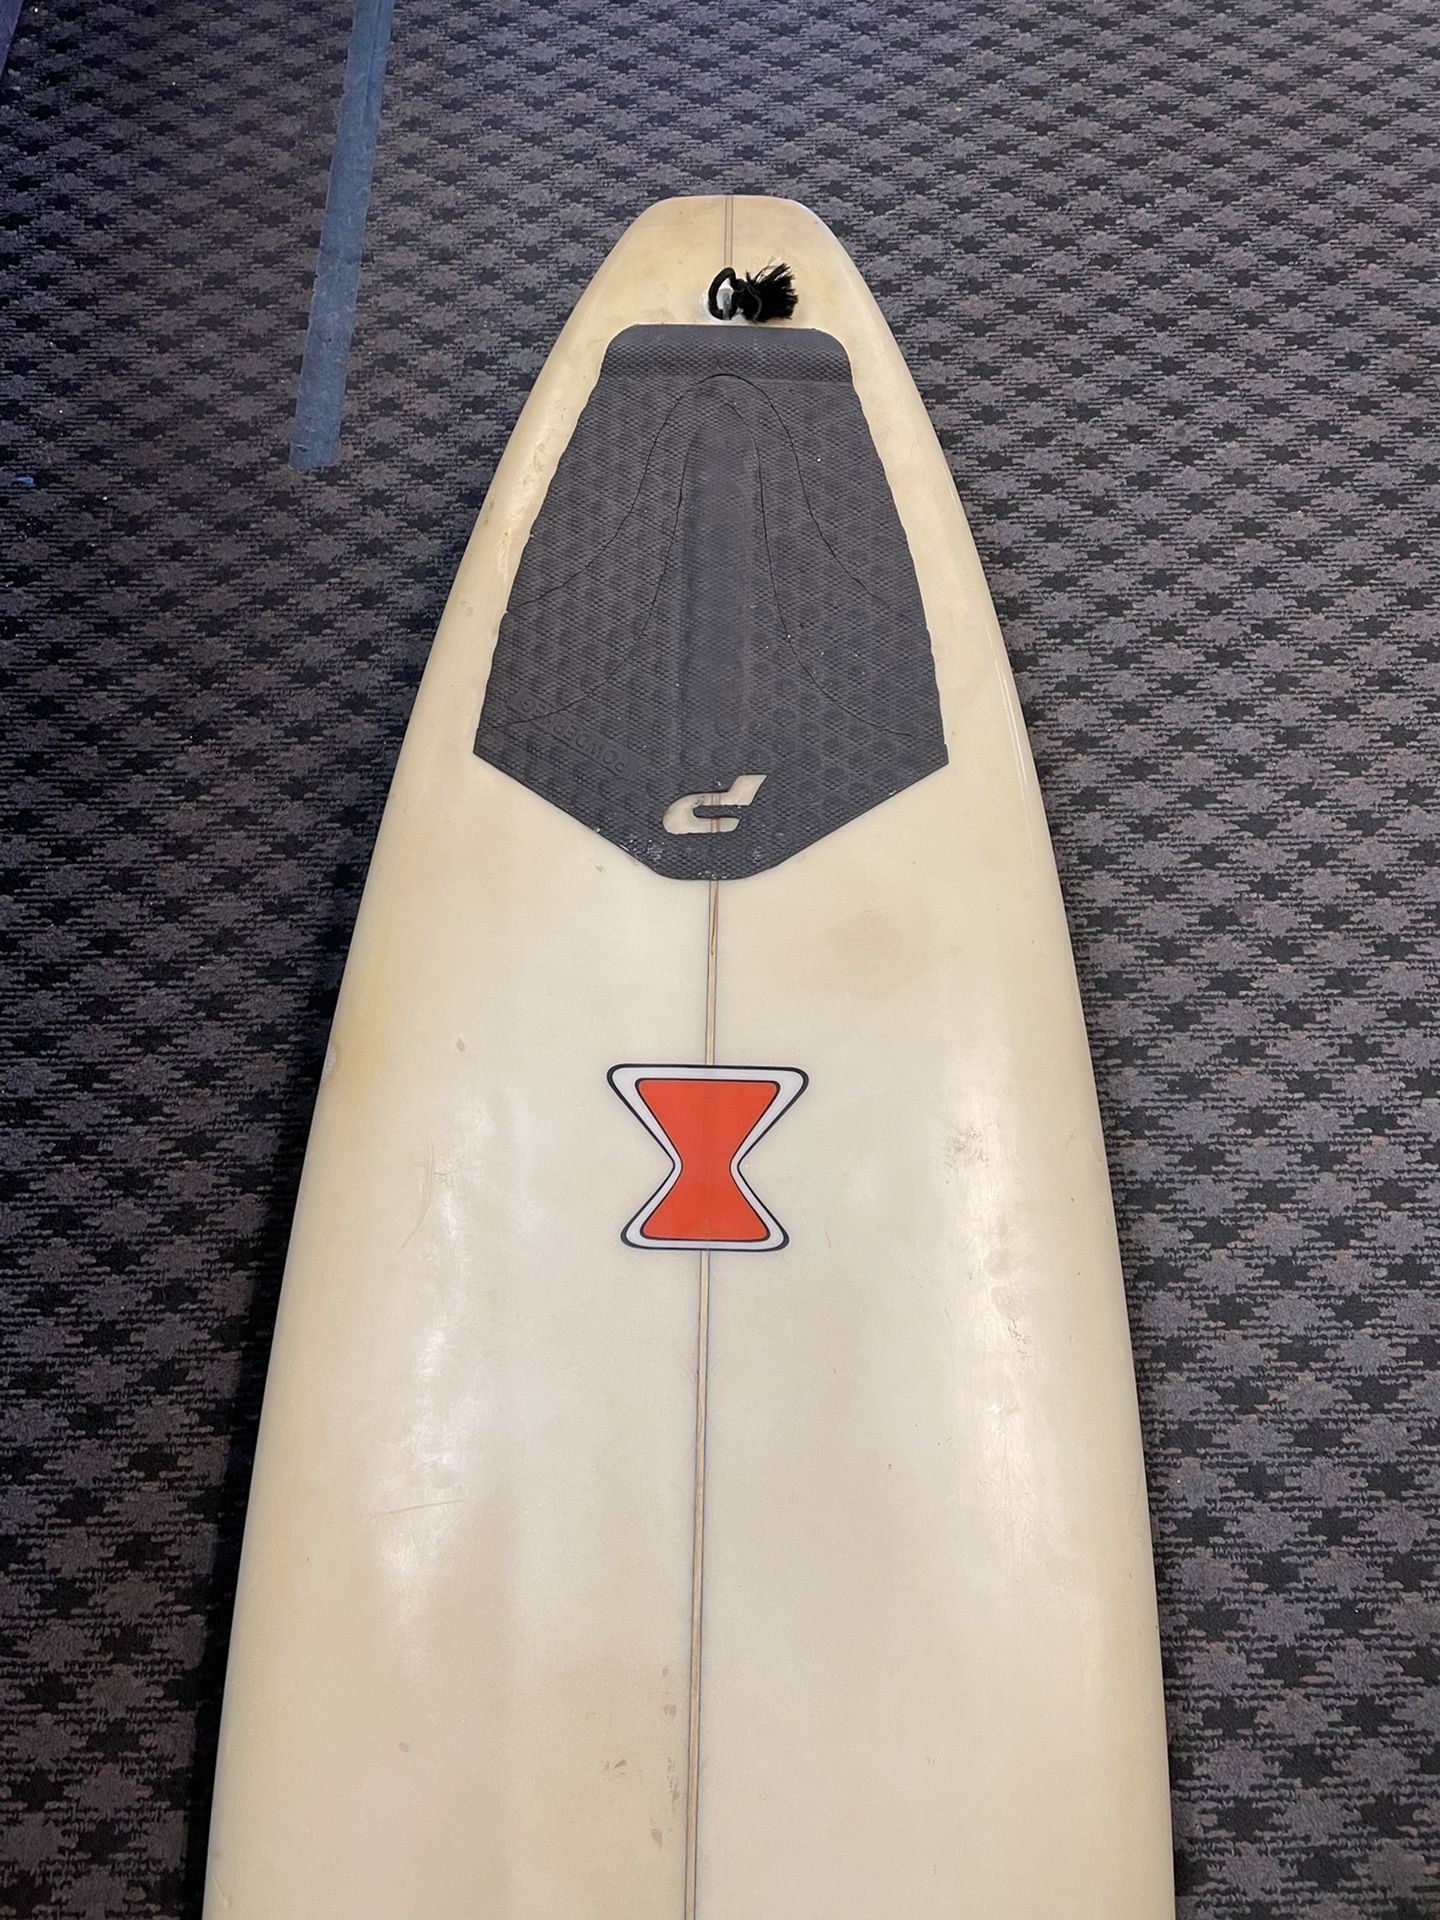 Spider Surfboard